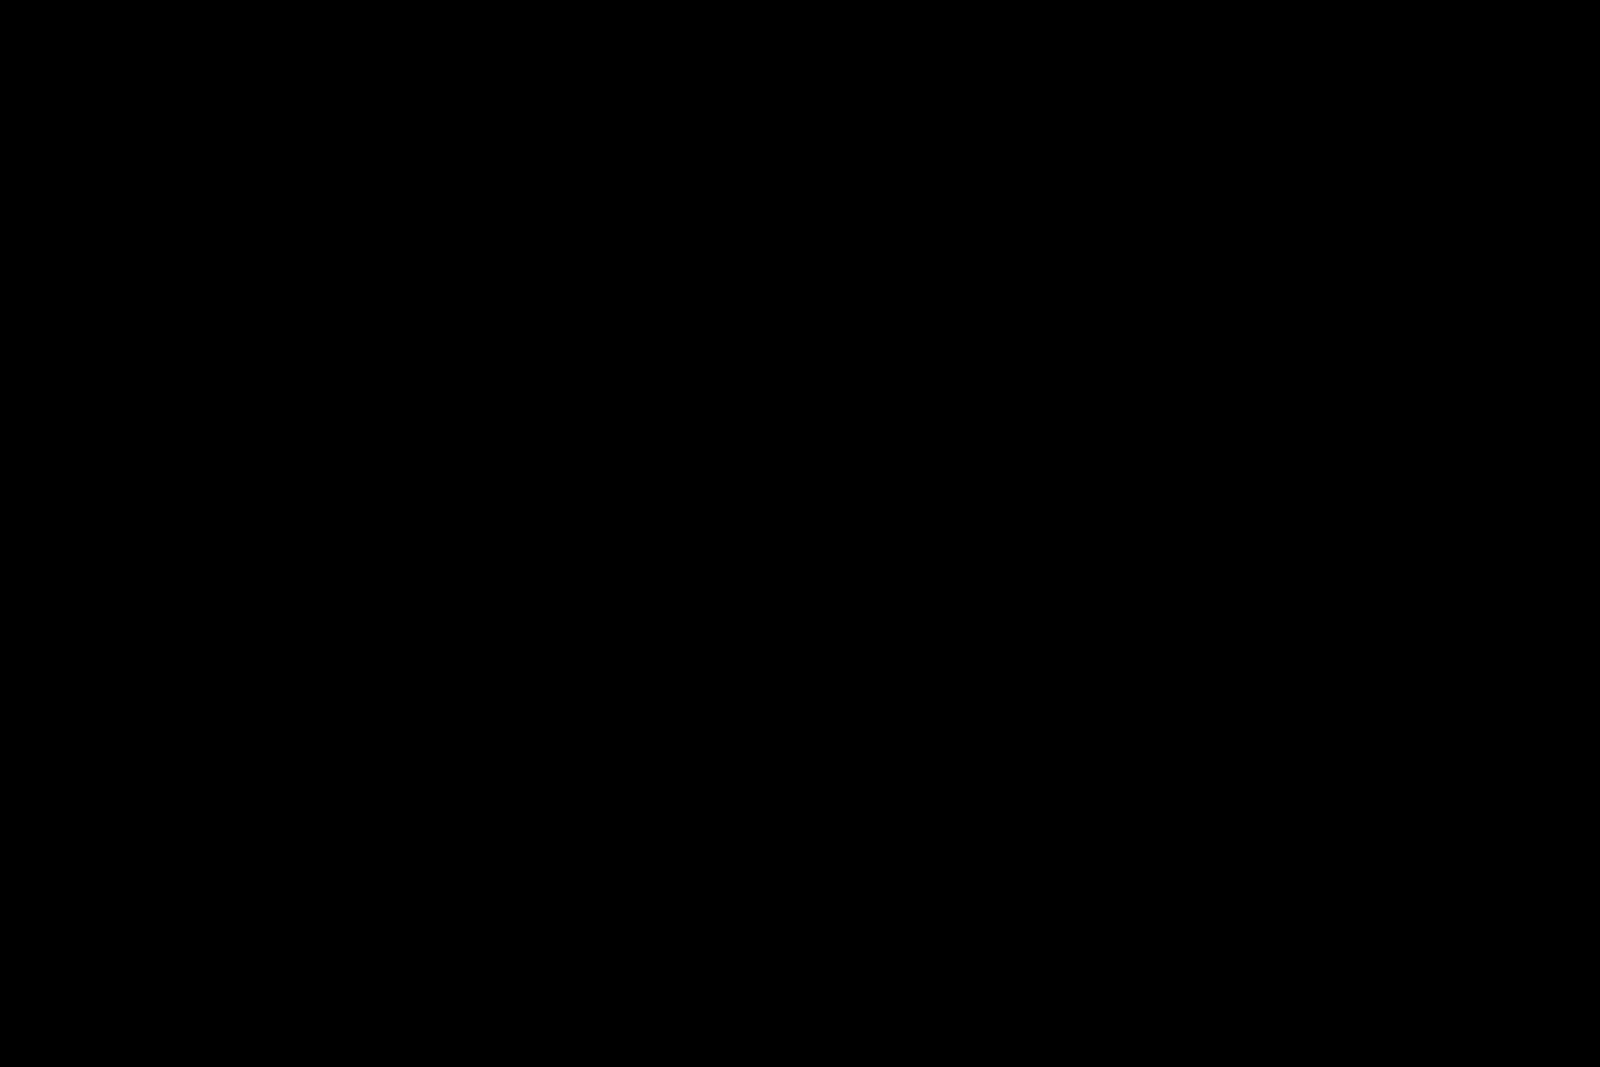 Laura Comolli indossa cappotto e maglione a collo alto di Alpha Studio - Look casual autunnale in giro per Parigi